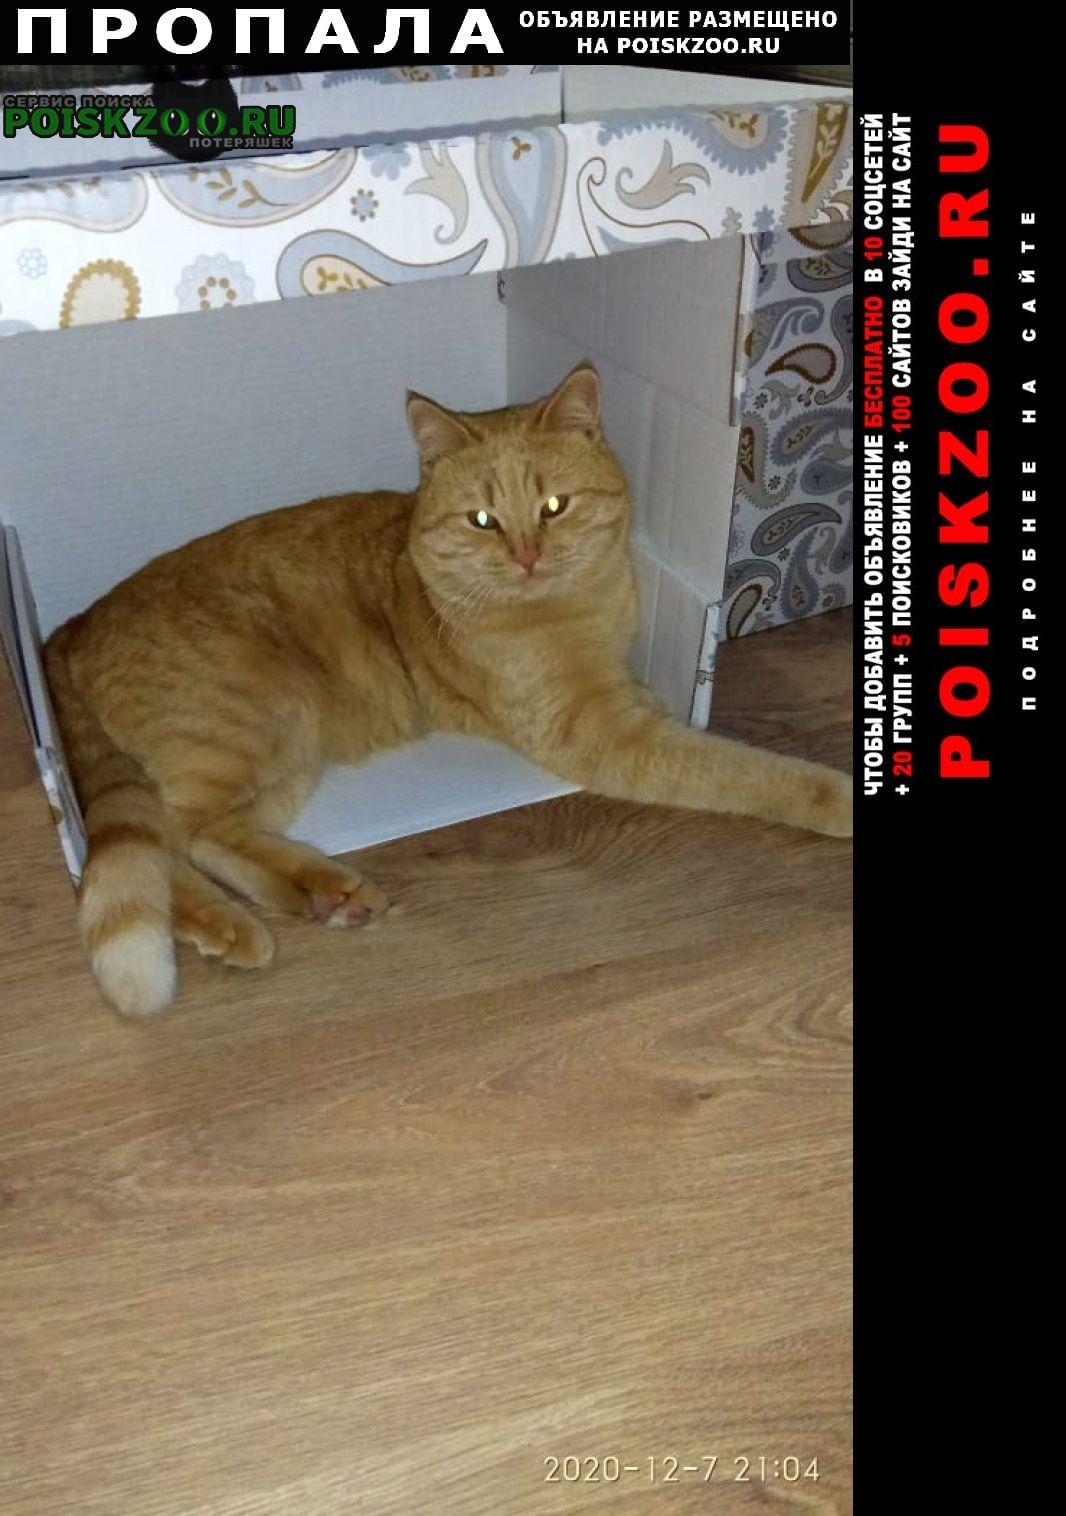 Аксай (Ростовская обл.) Пропала кошка